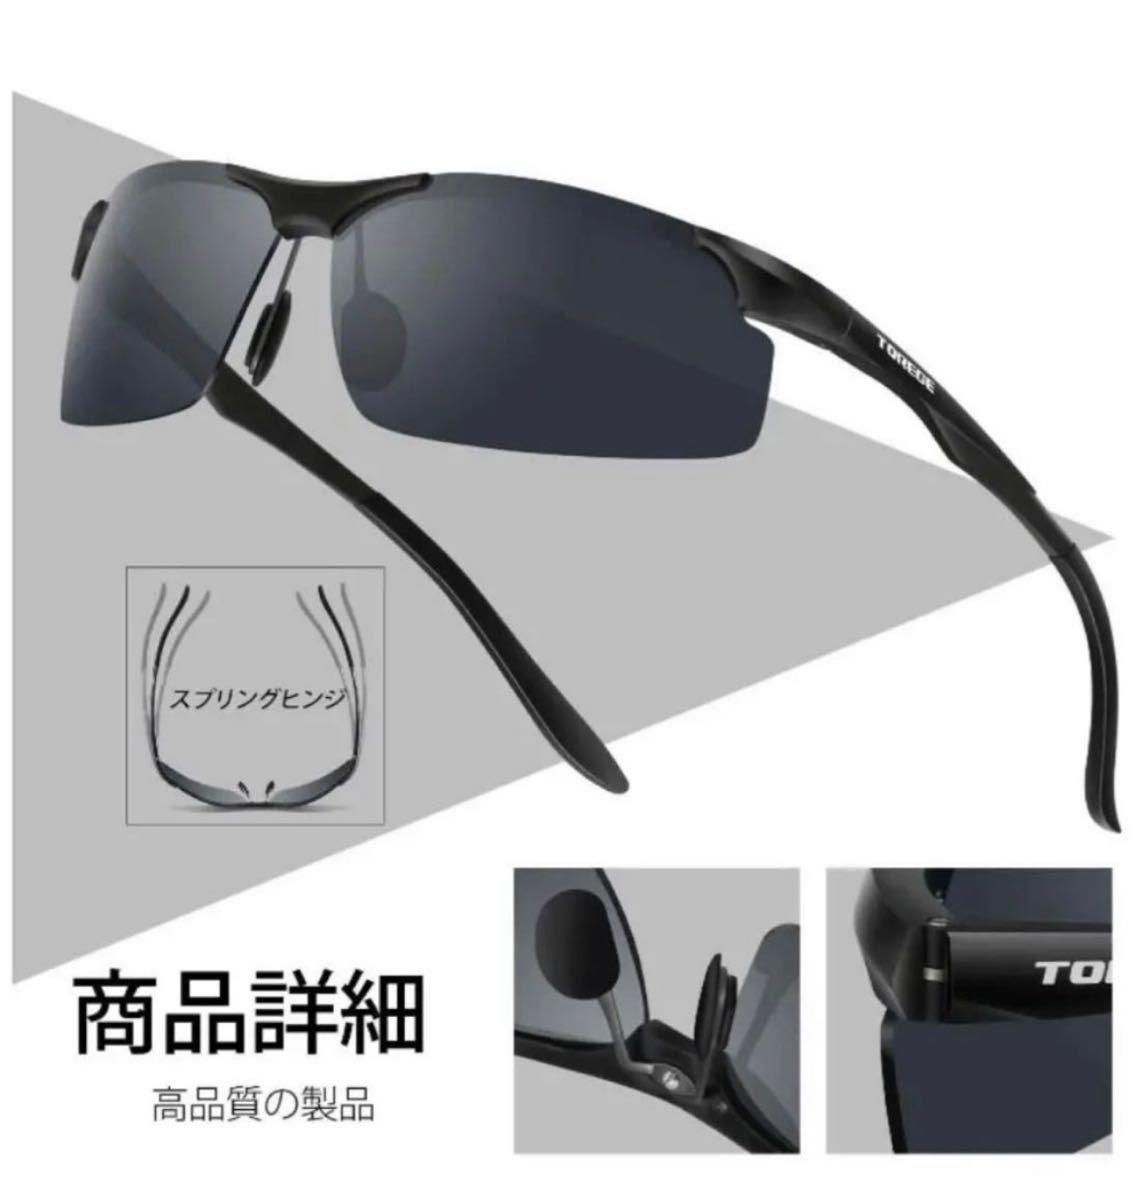 偏光レンズ  スポーツサングラス 紫外線カット